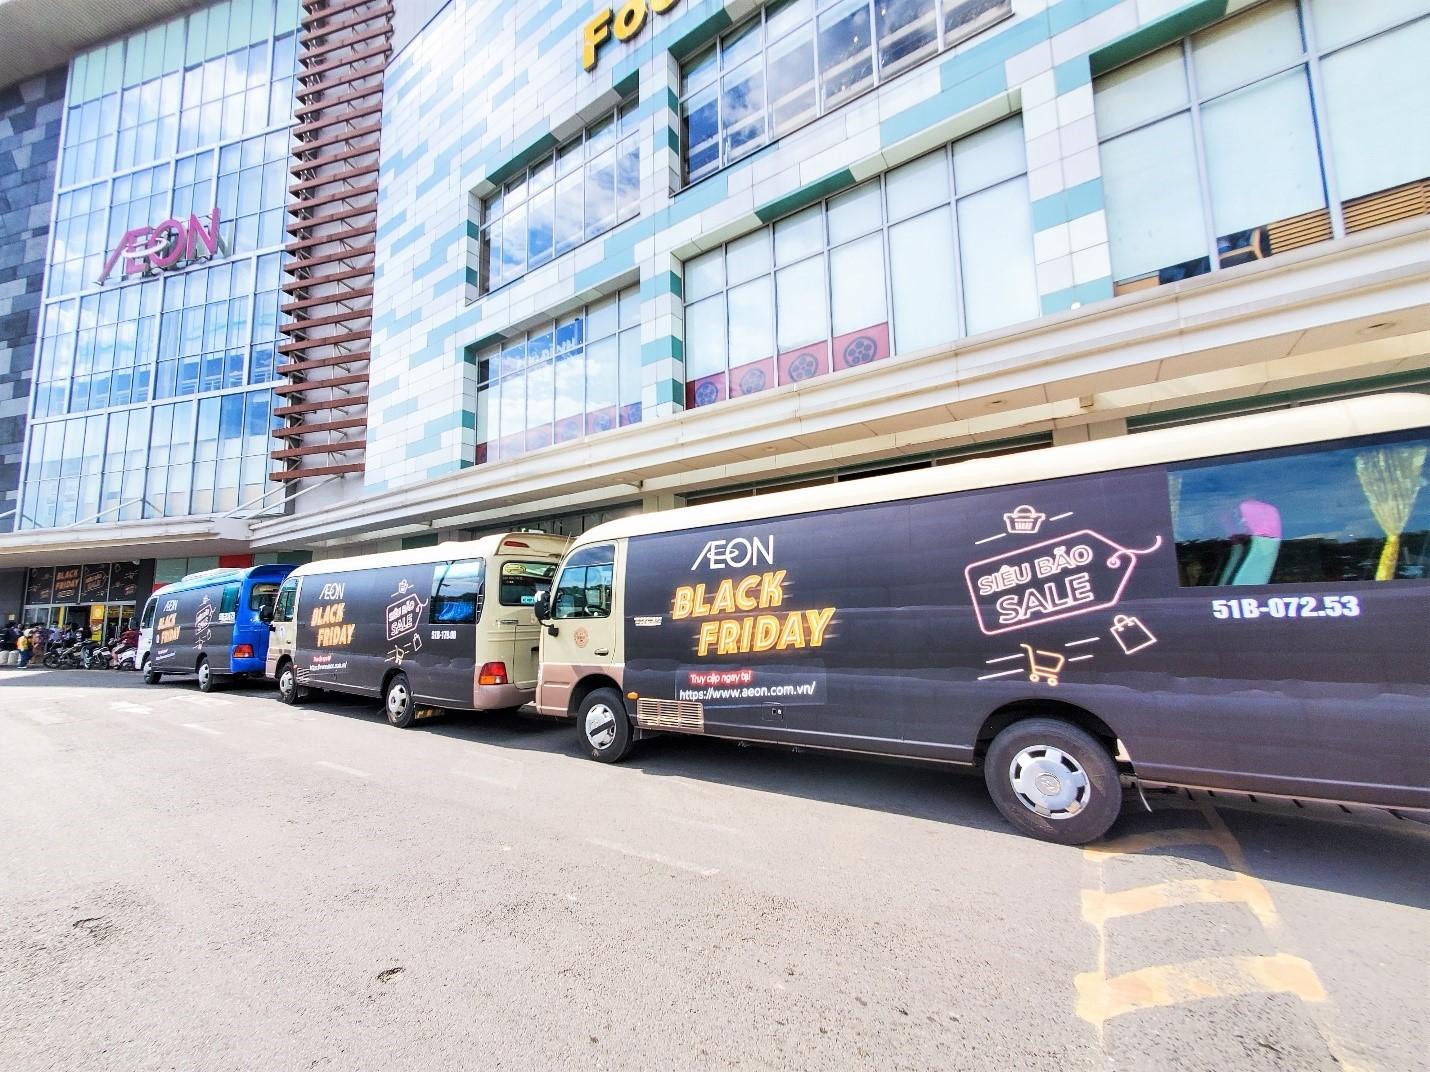 Black Friday - 'hóa đen dài tập' với 'Siêu Bão Sale' chỉ có tại Trung tâm Mua sắm AEON Mall! 0